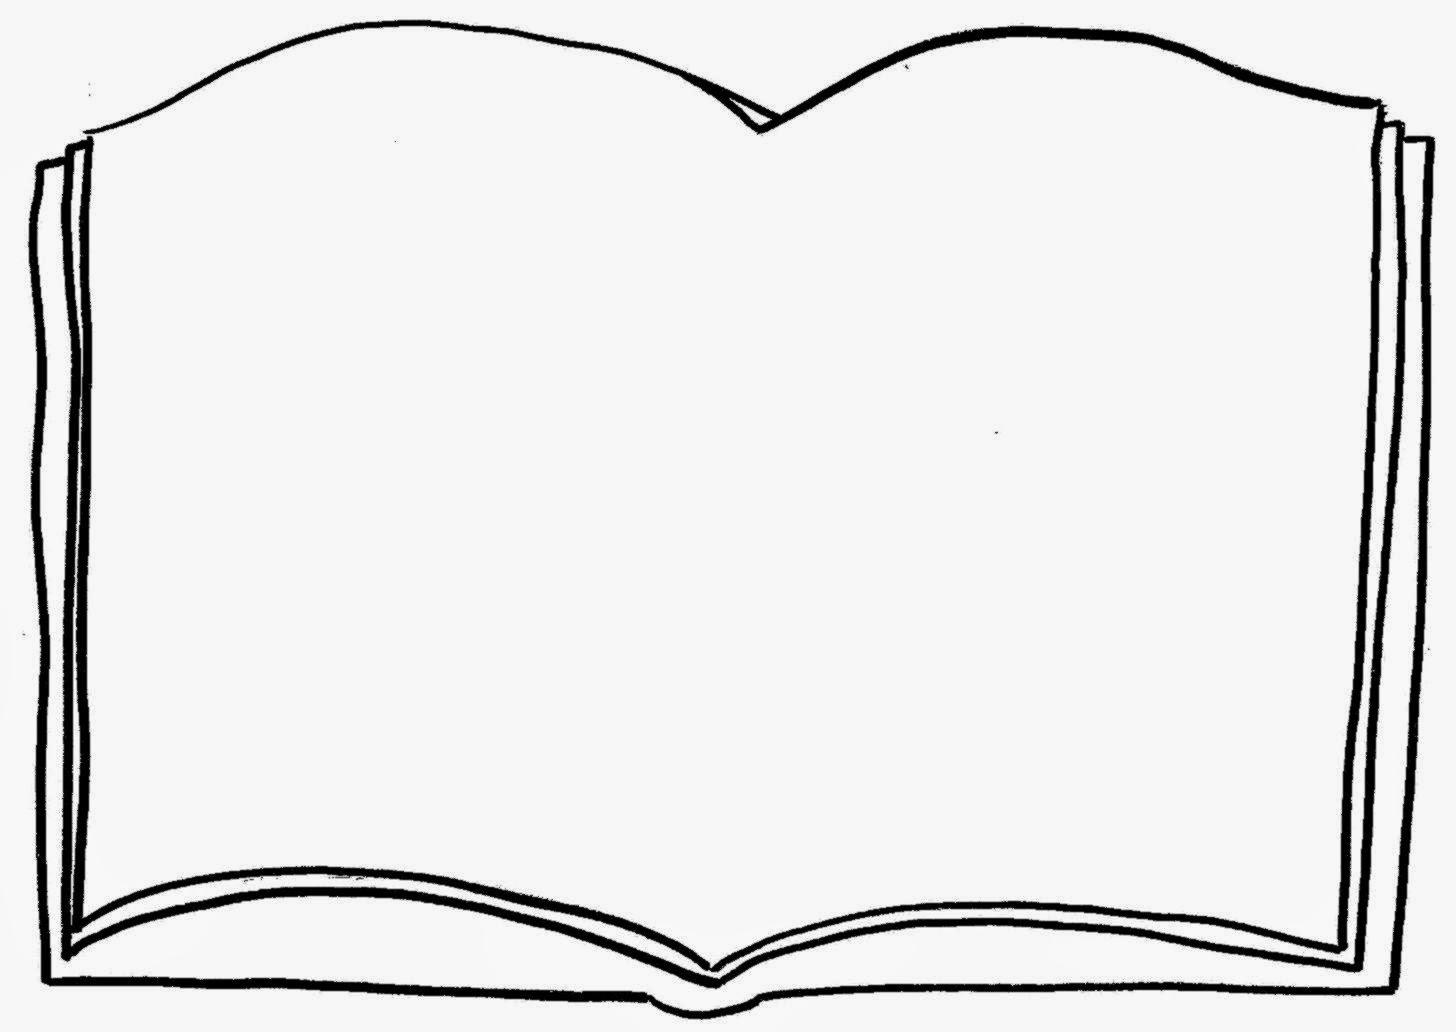 1456x1032 Photos Of Open Book Silhouette Clip Art Clipartix